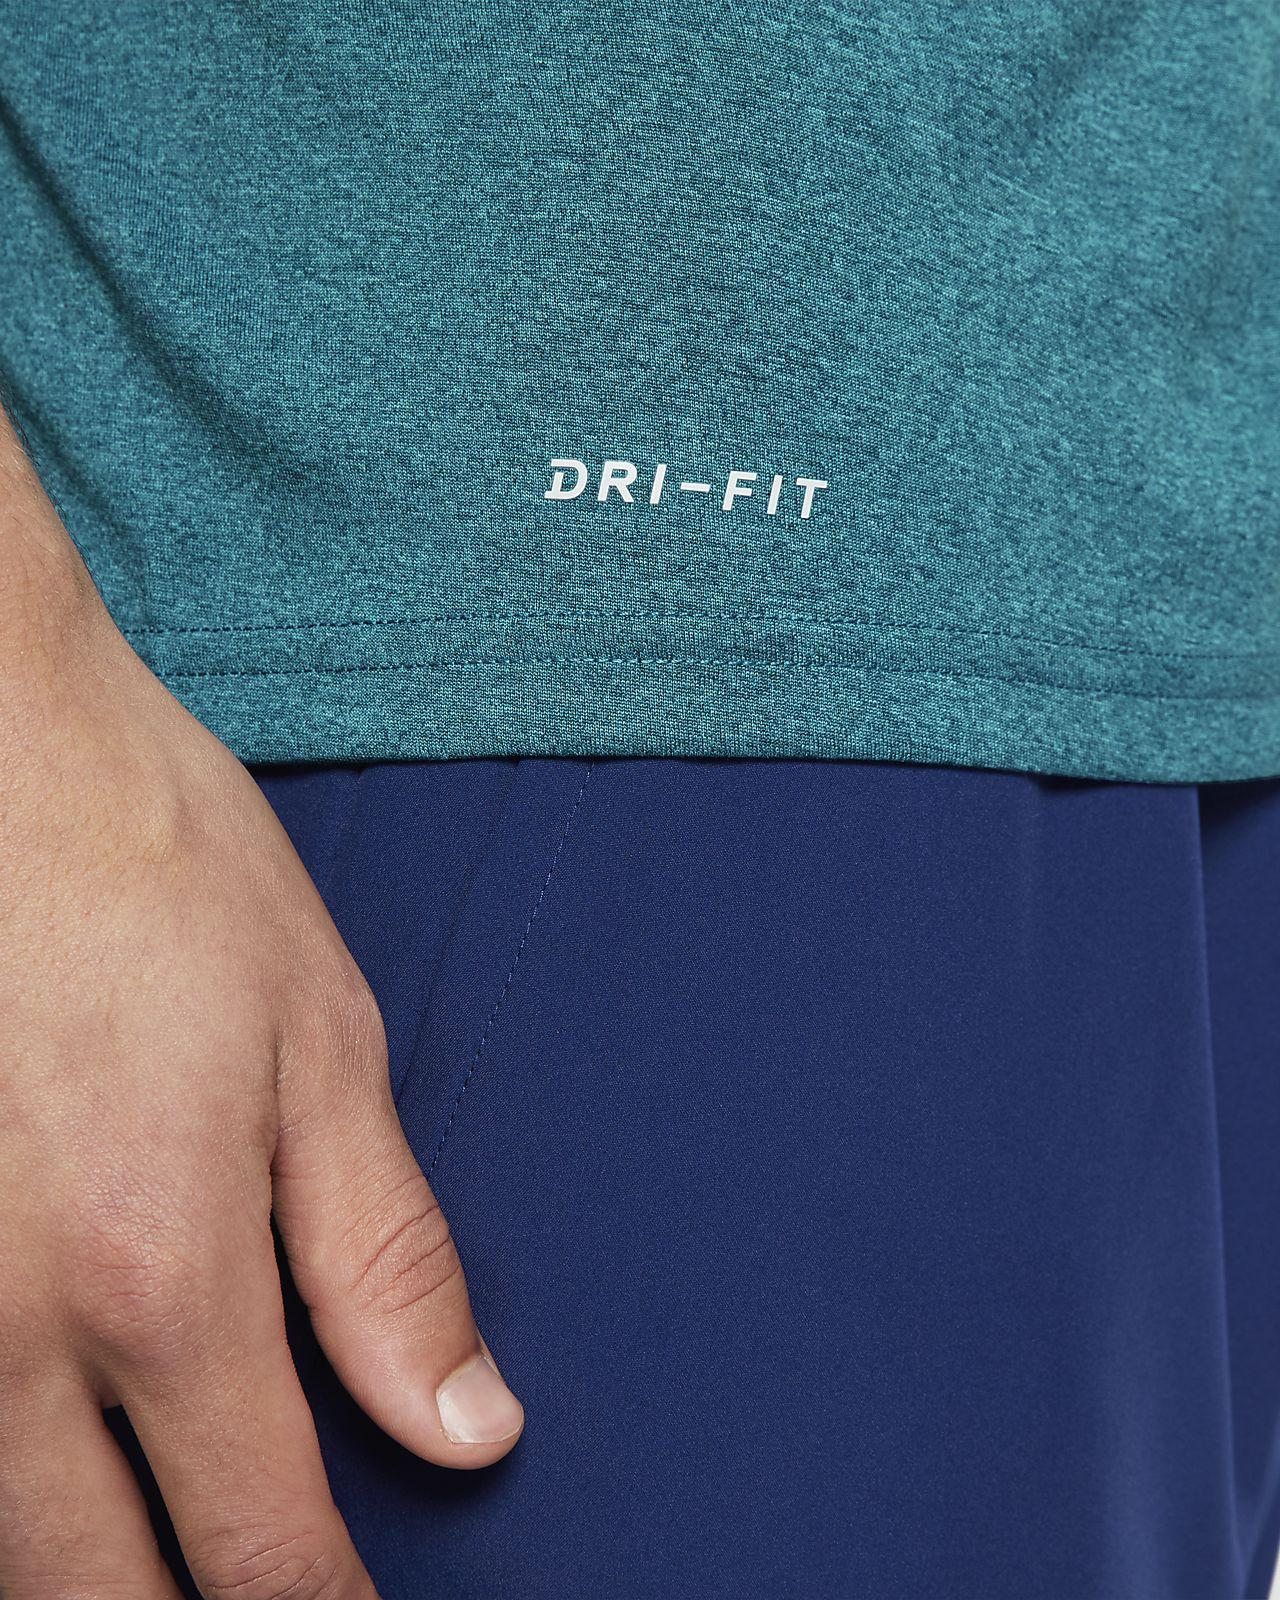 b1950f1e2f4e Nike Legend 2.0 V-Neck Men's Training Shirt. Nike.com